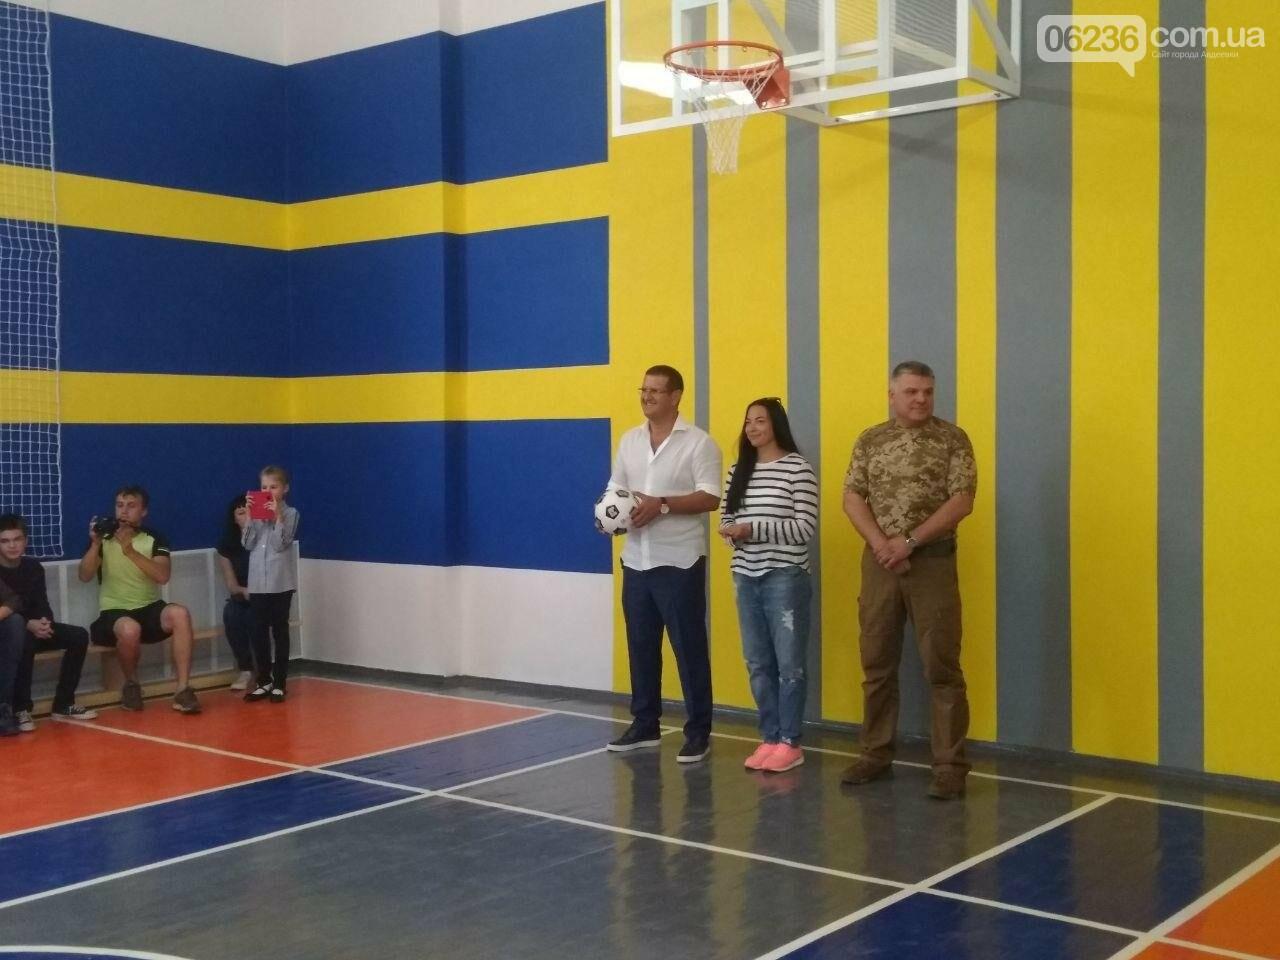 АКХЗ подарил авдеевской школе спортивный зал (ФОТОРЕПОРТАЖ), фото-9